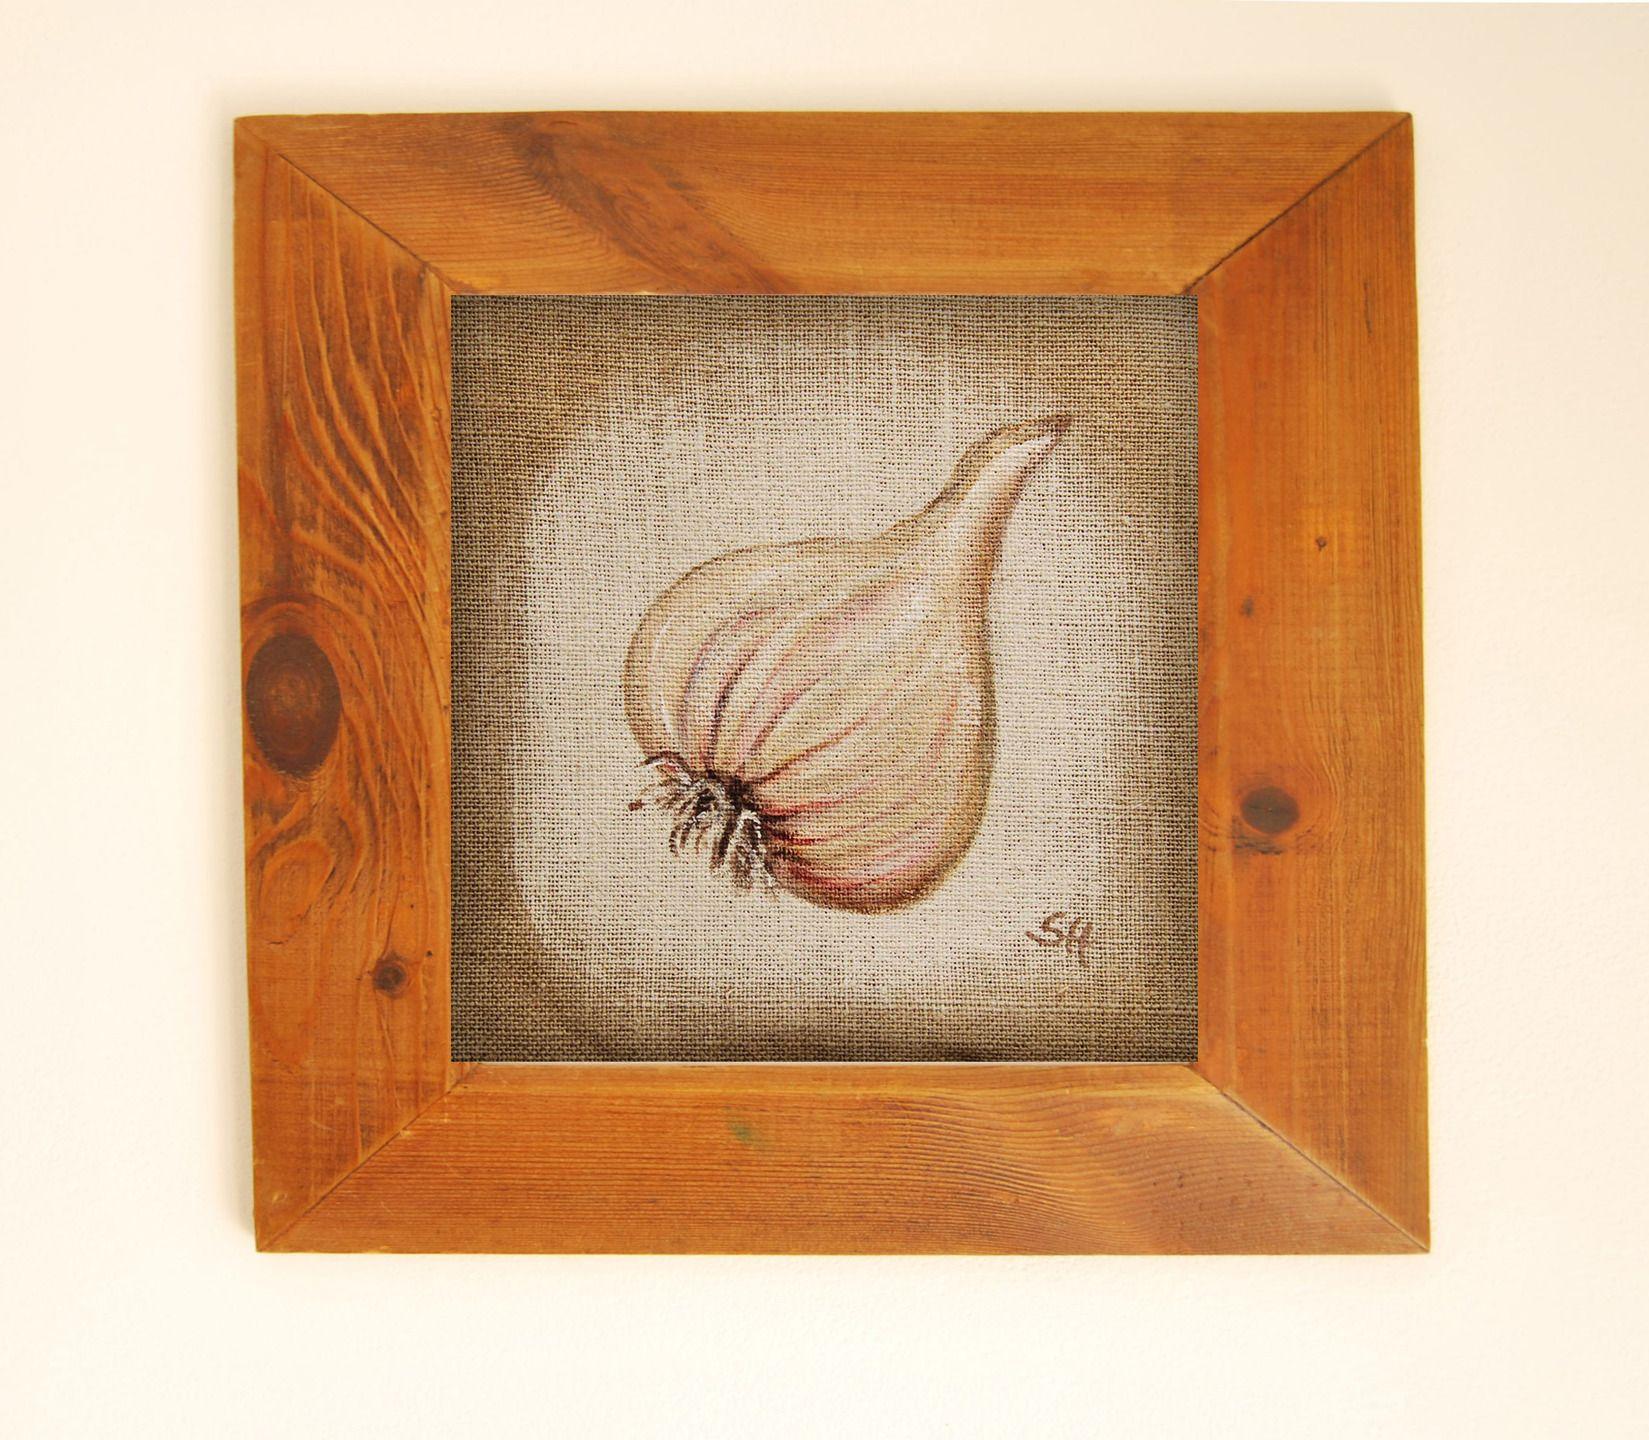 ognons blanc peinture originale sur toile de lin pi ce pour cr ation application et motifs. Black Bedroom Furniture Sets. Home Design Ideas